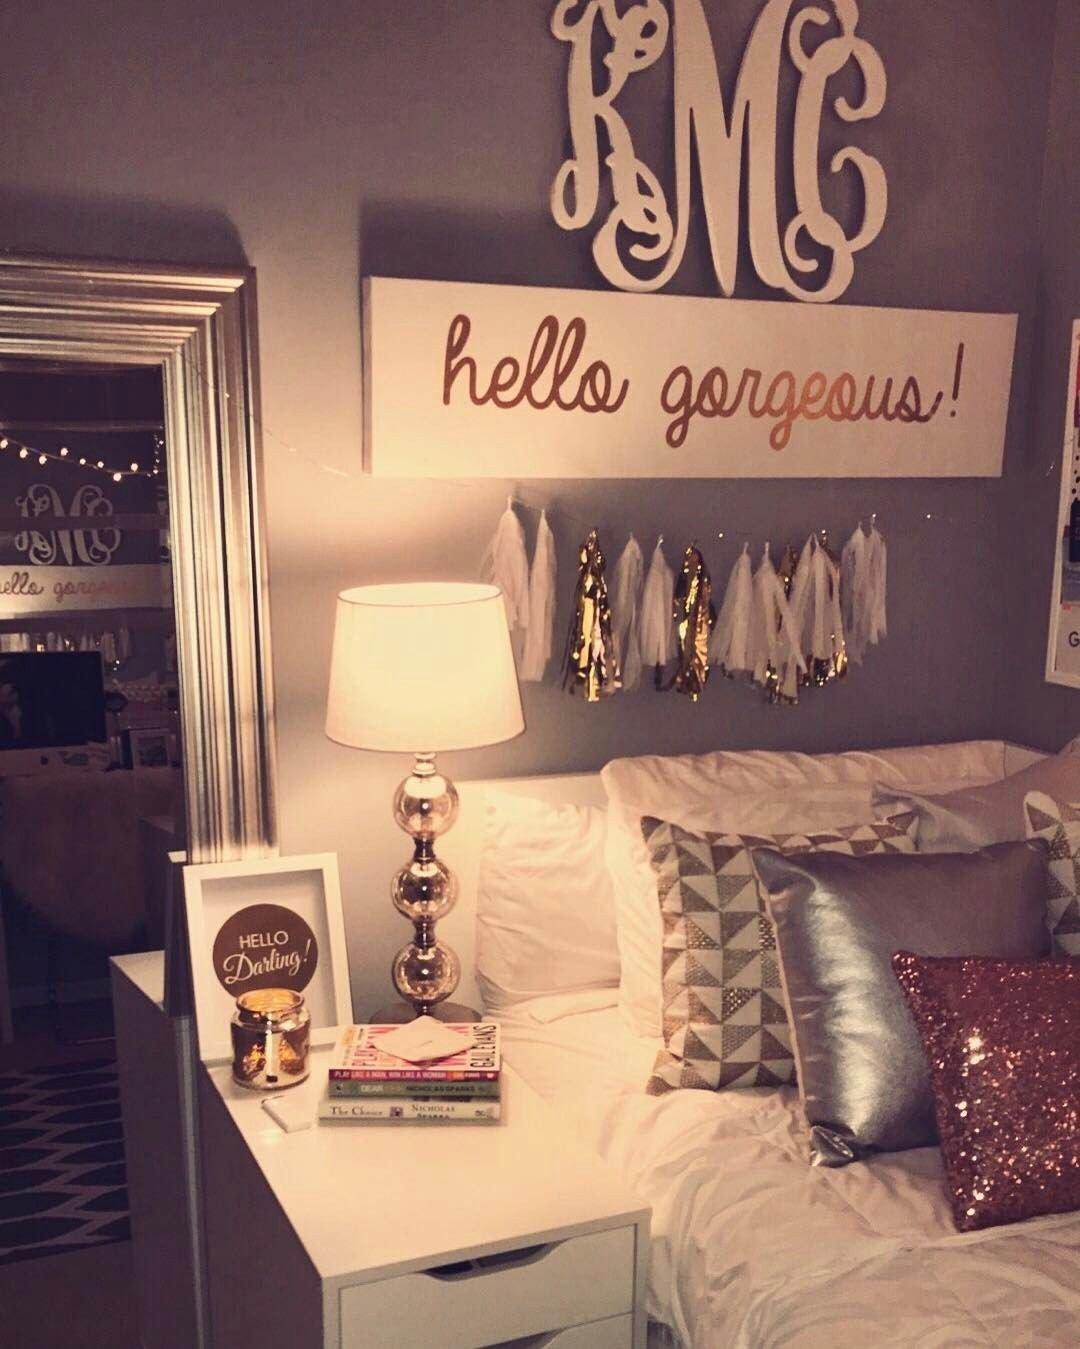 Teenage Girl Bedroom Decor Elegant Pin Od Použvateľa Gracie Shaver Na Nástenke Room Ideas